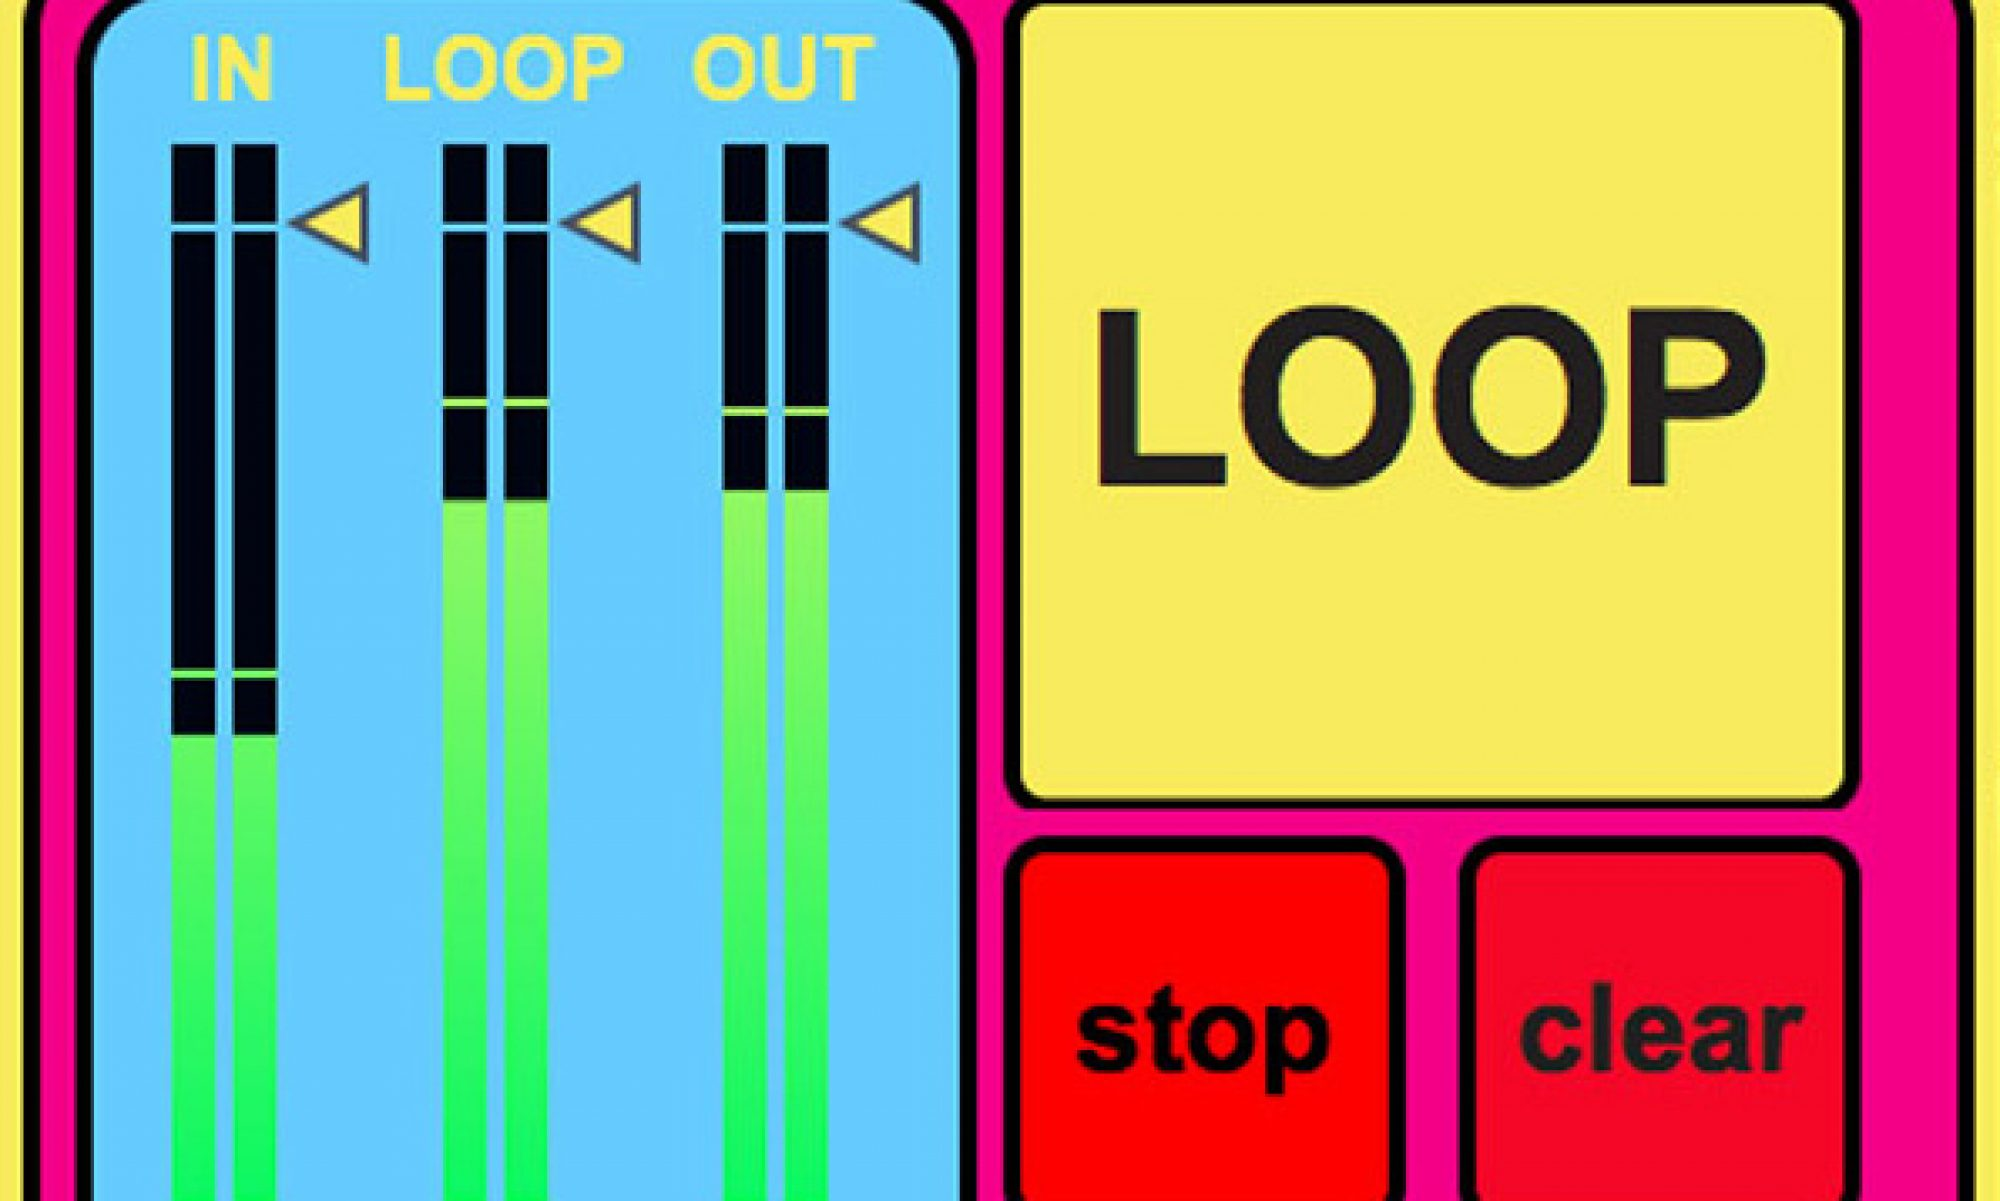 LiveLooper